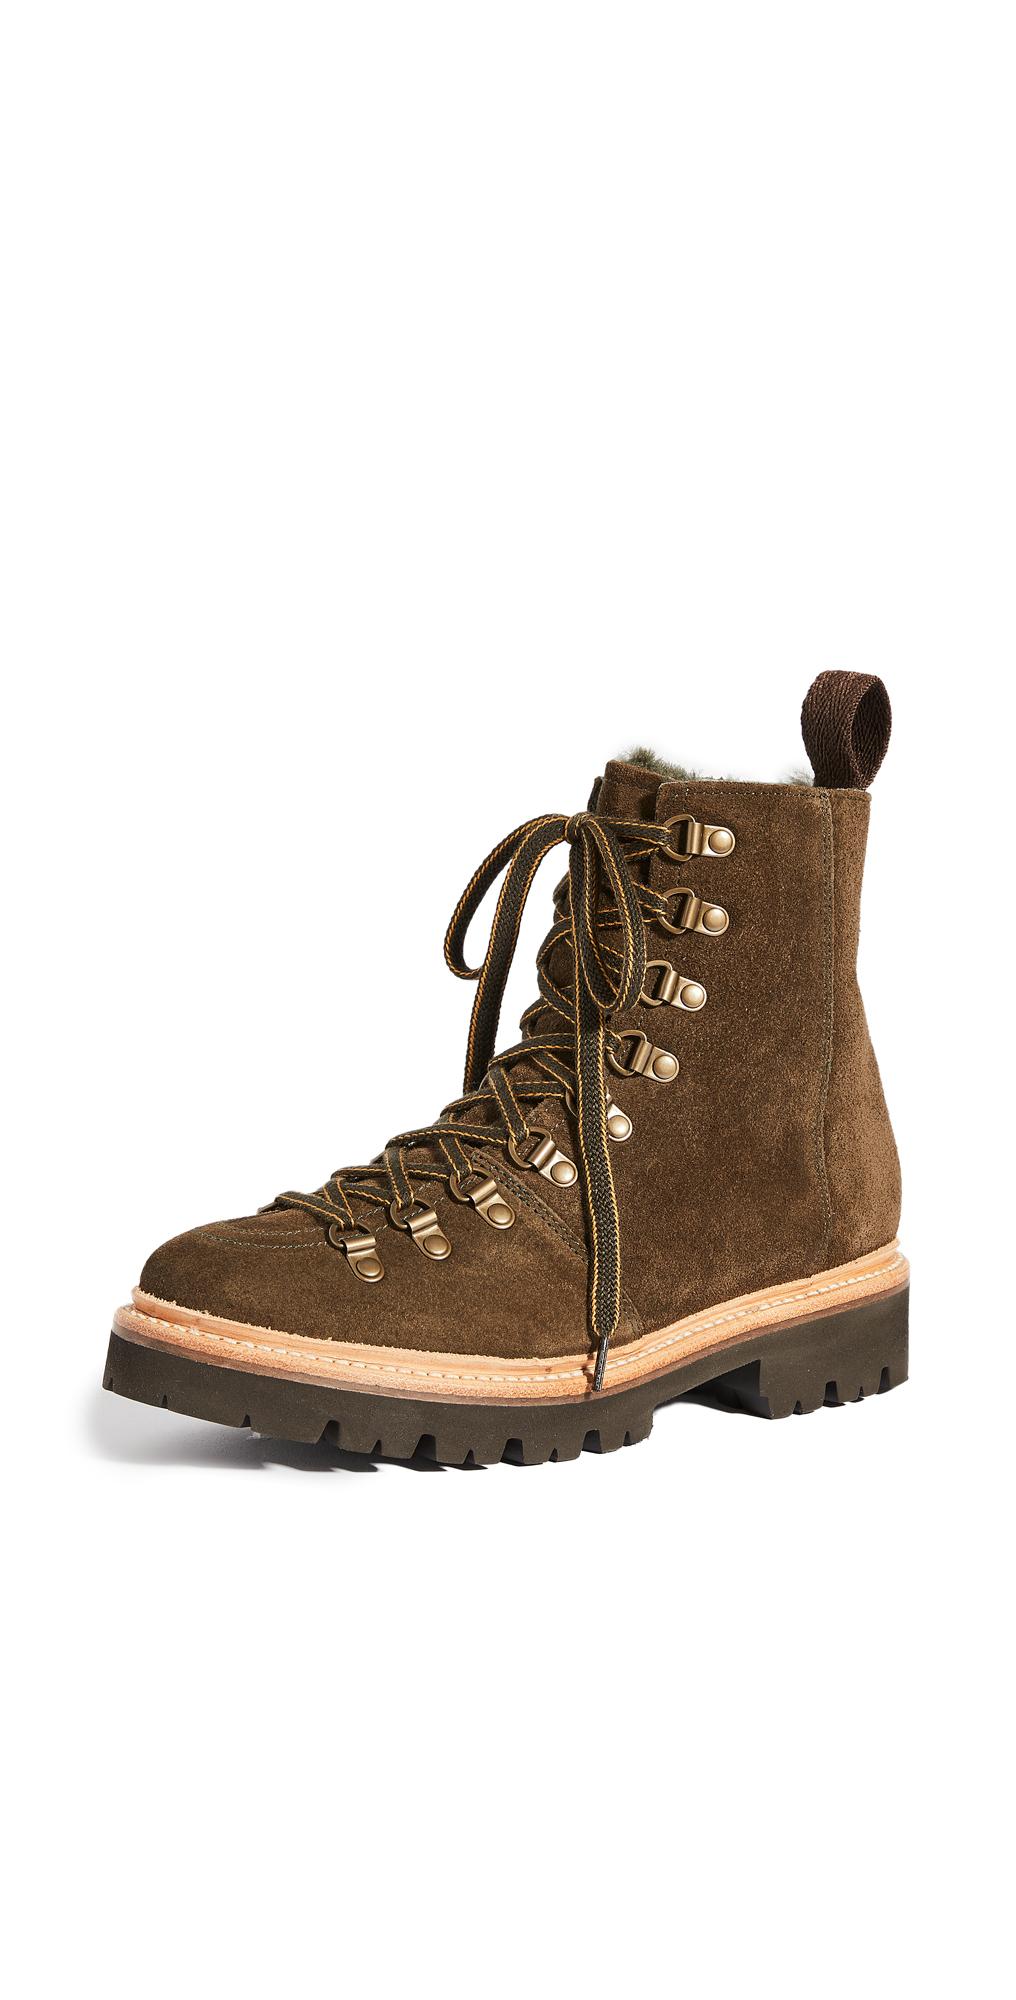 Grenson Nanette Military Ski Boots